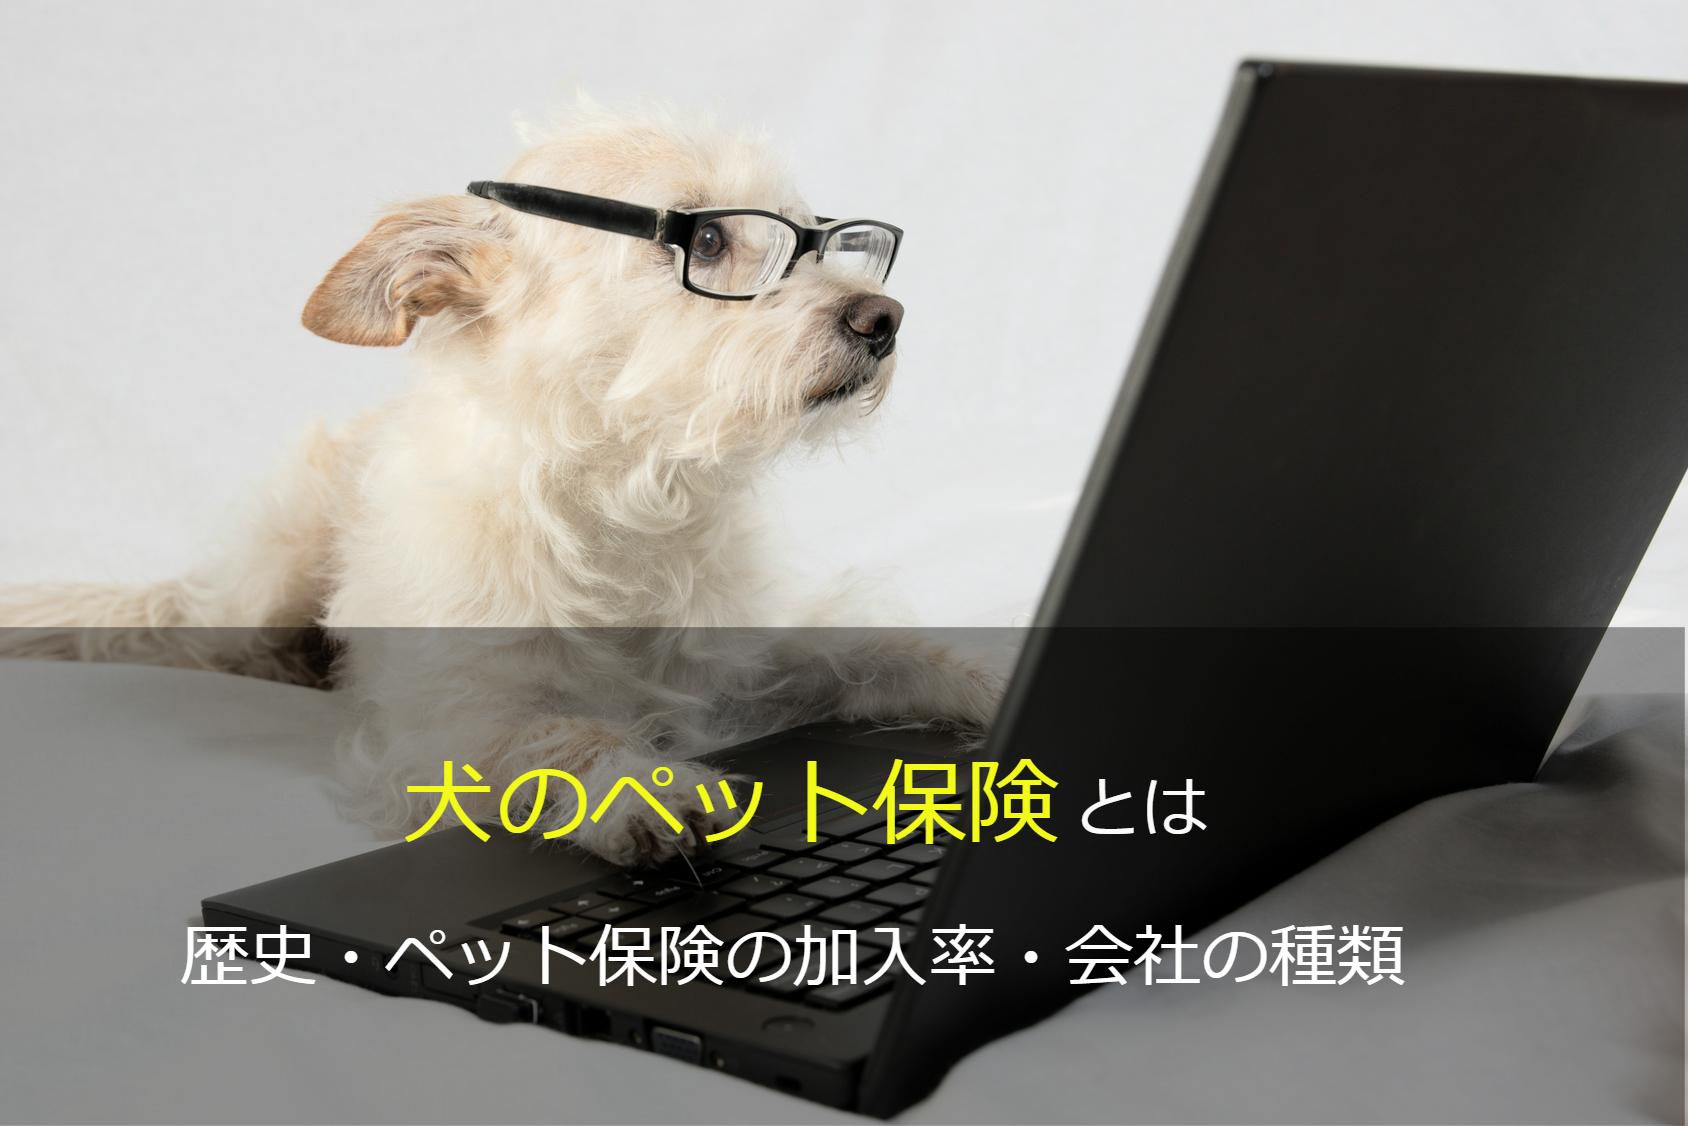 犬のペット保険とは